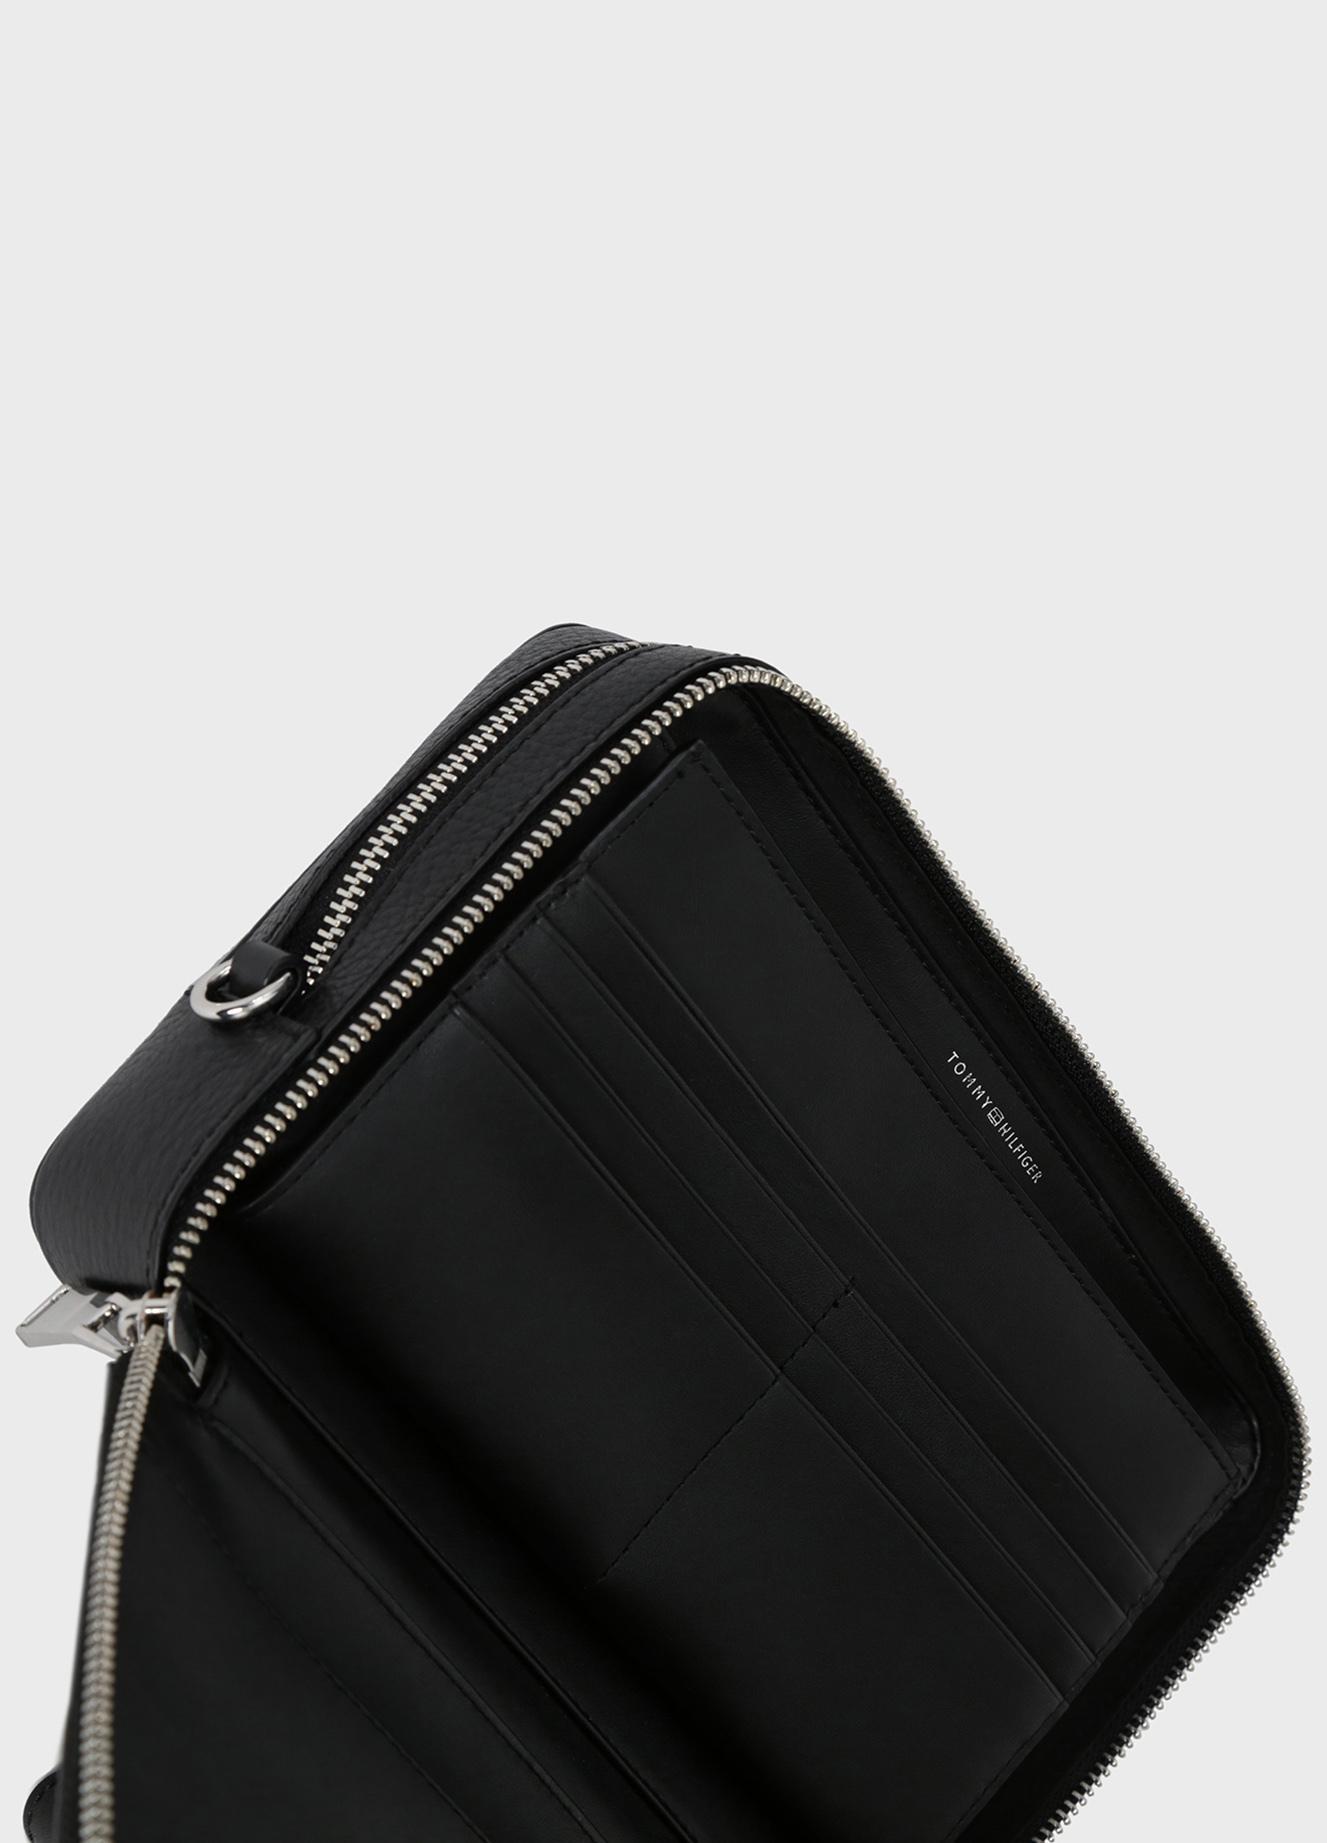 Мужской черный кожаный несессер CORPORATE LEATHER MONEY BAG Tommy Hilfiger